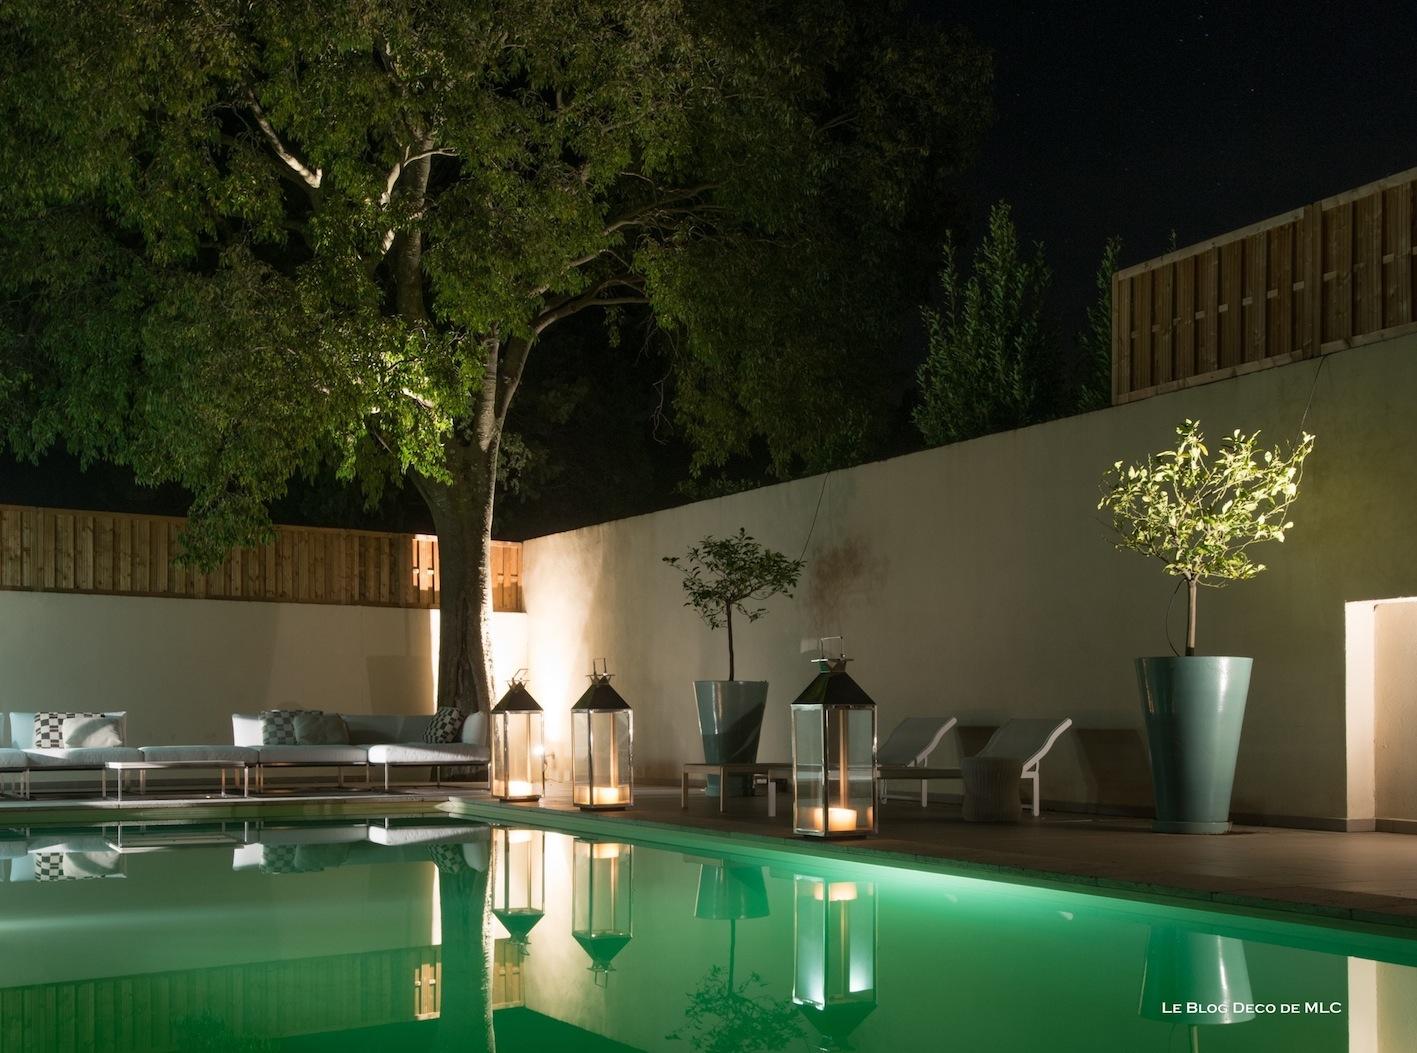 Eclairer la terrasse le soir avec des luminaires d co le for Luminaire exterieur piscine